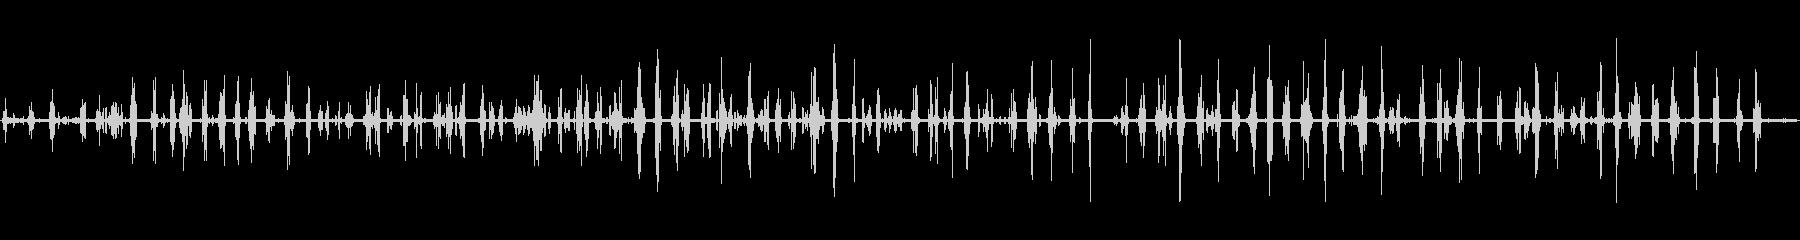 環境音 アフリカのブッシュ朝鳥01の未再生の波形